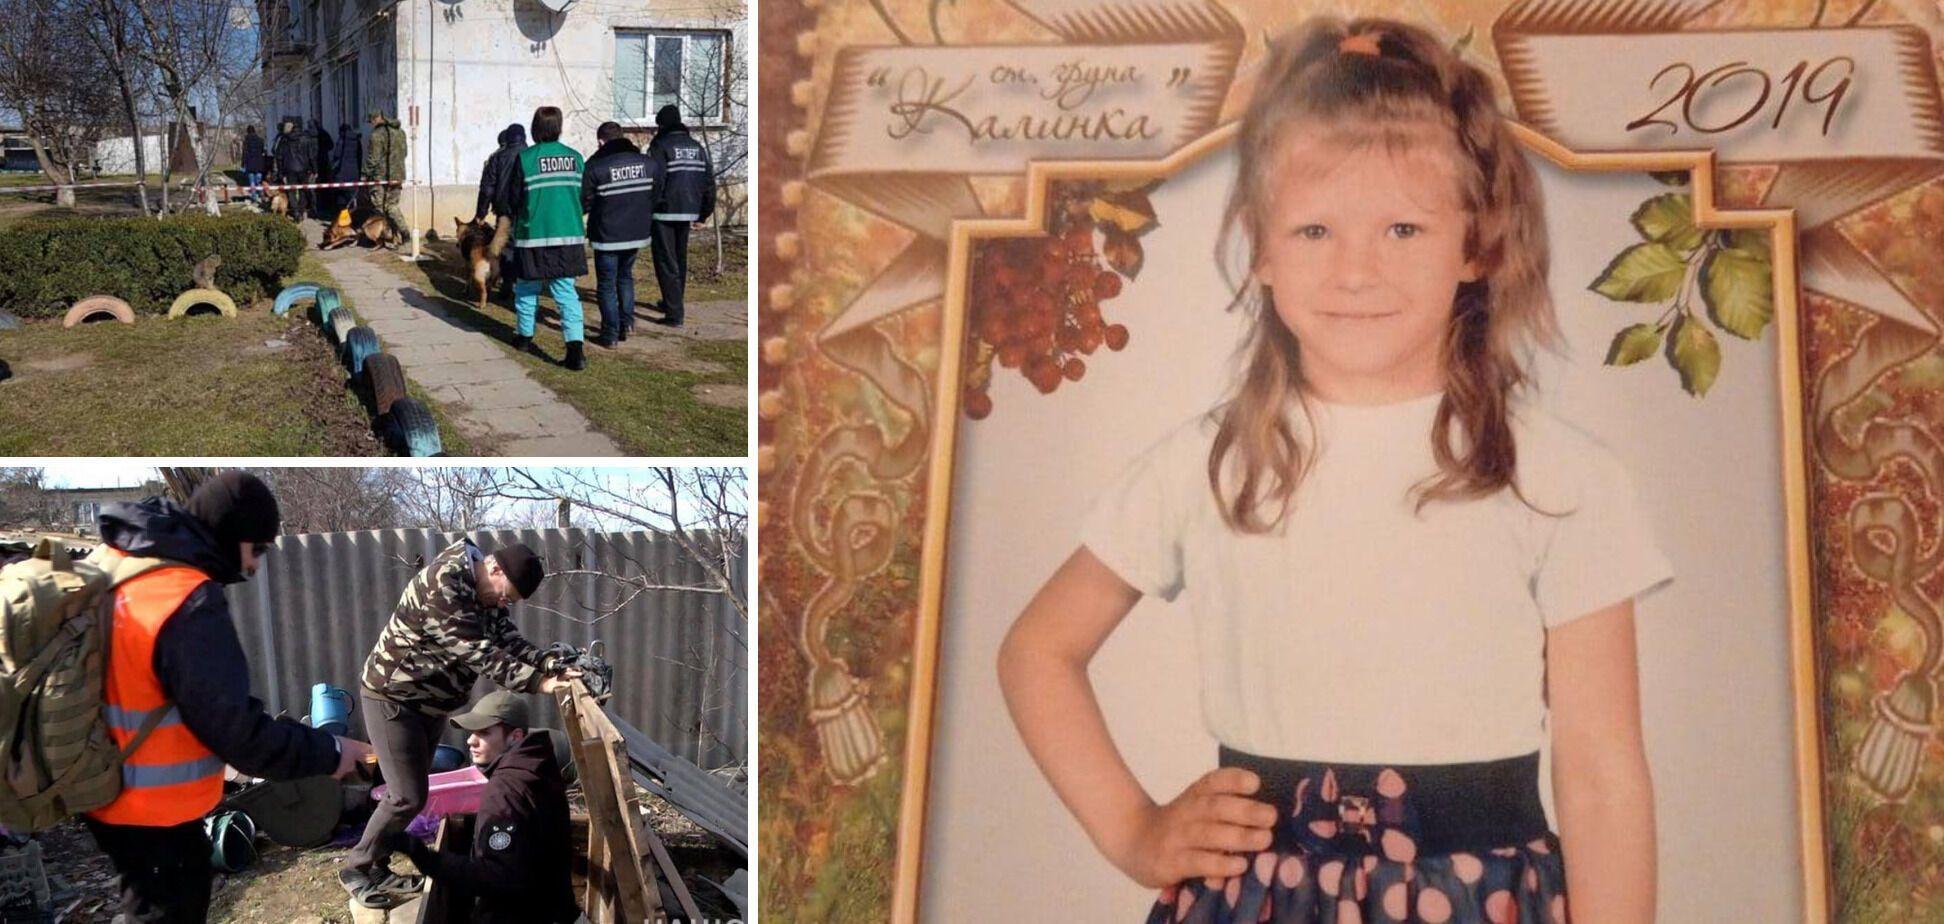 Підозрюваний у вбивстві Маші Борисової вже ґвалтував дитину в цьому селі на Херсонщині, – місцевий житель